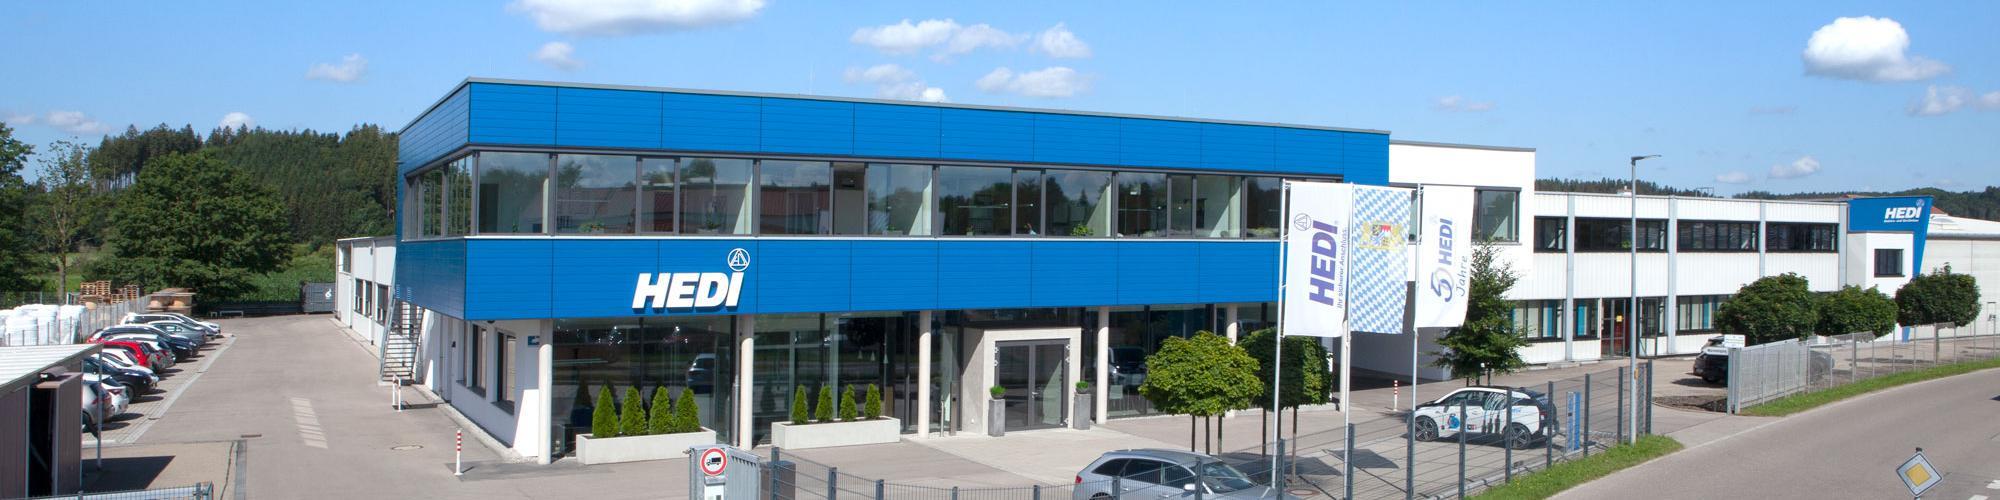 HEDI GmbH Elektro- und Gerätebau